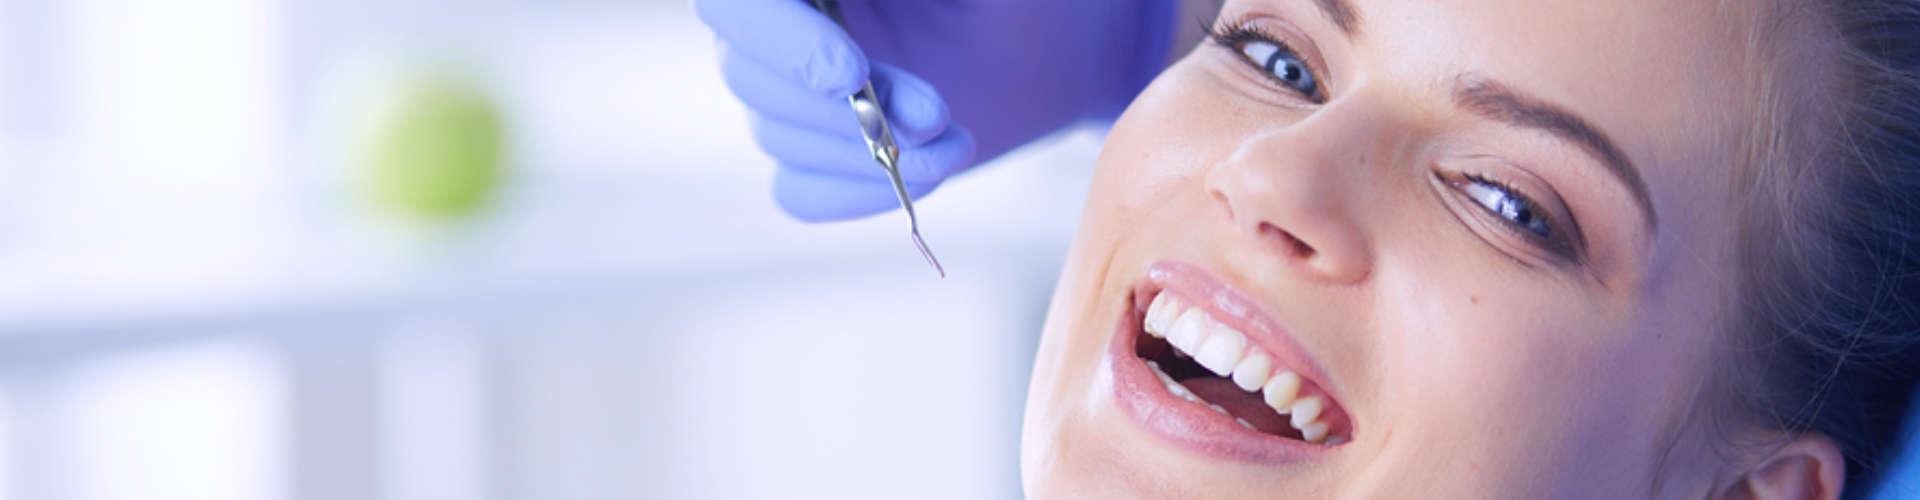 smiling patient